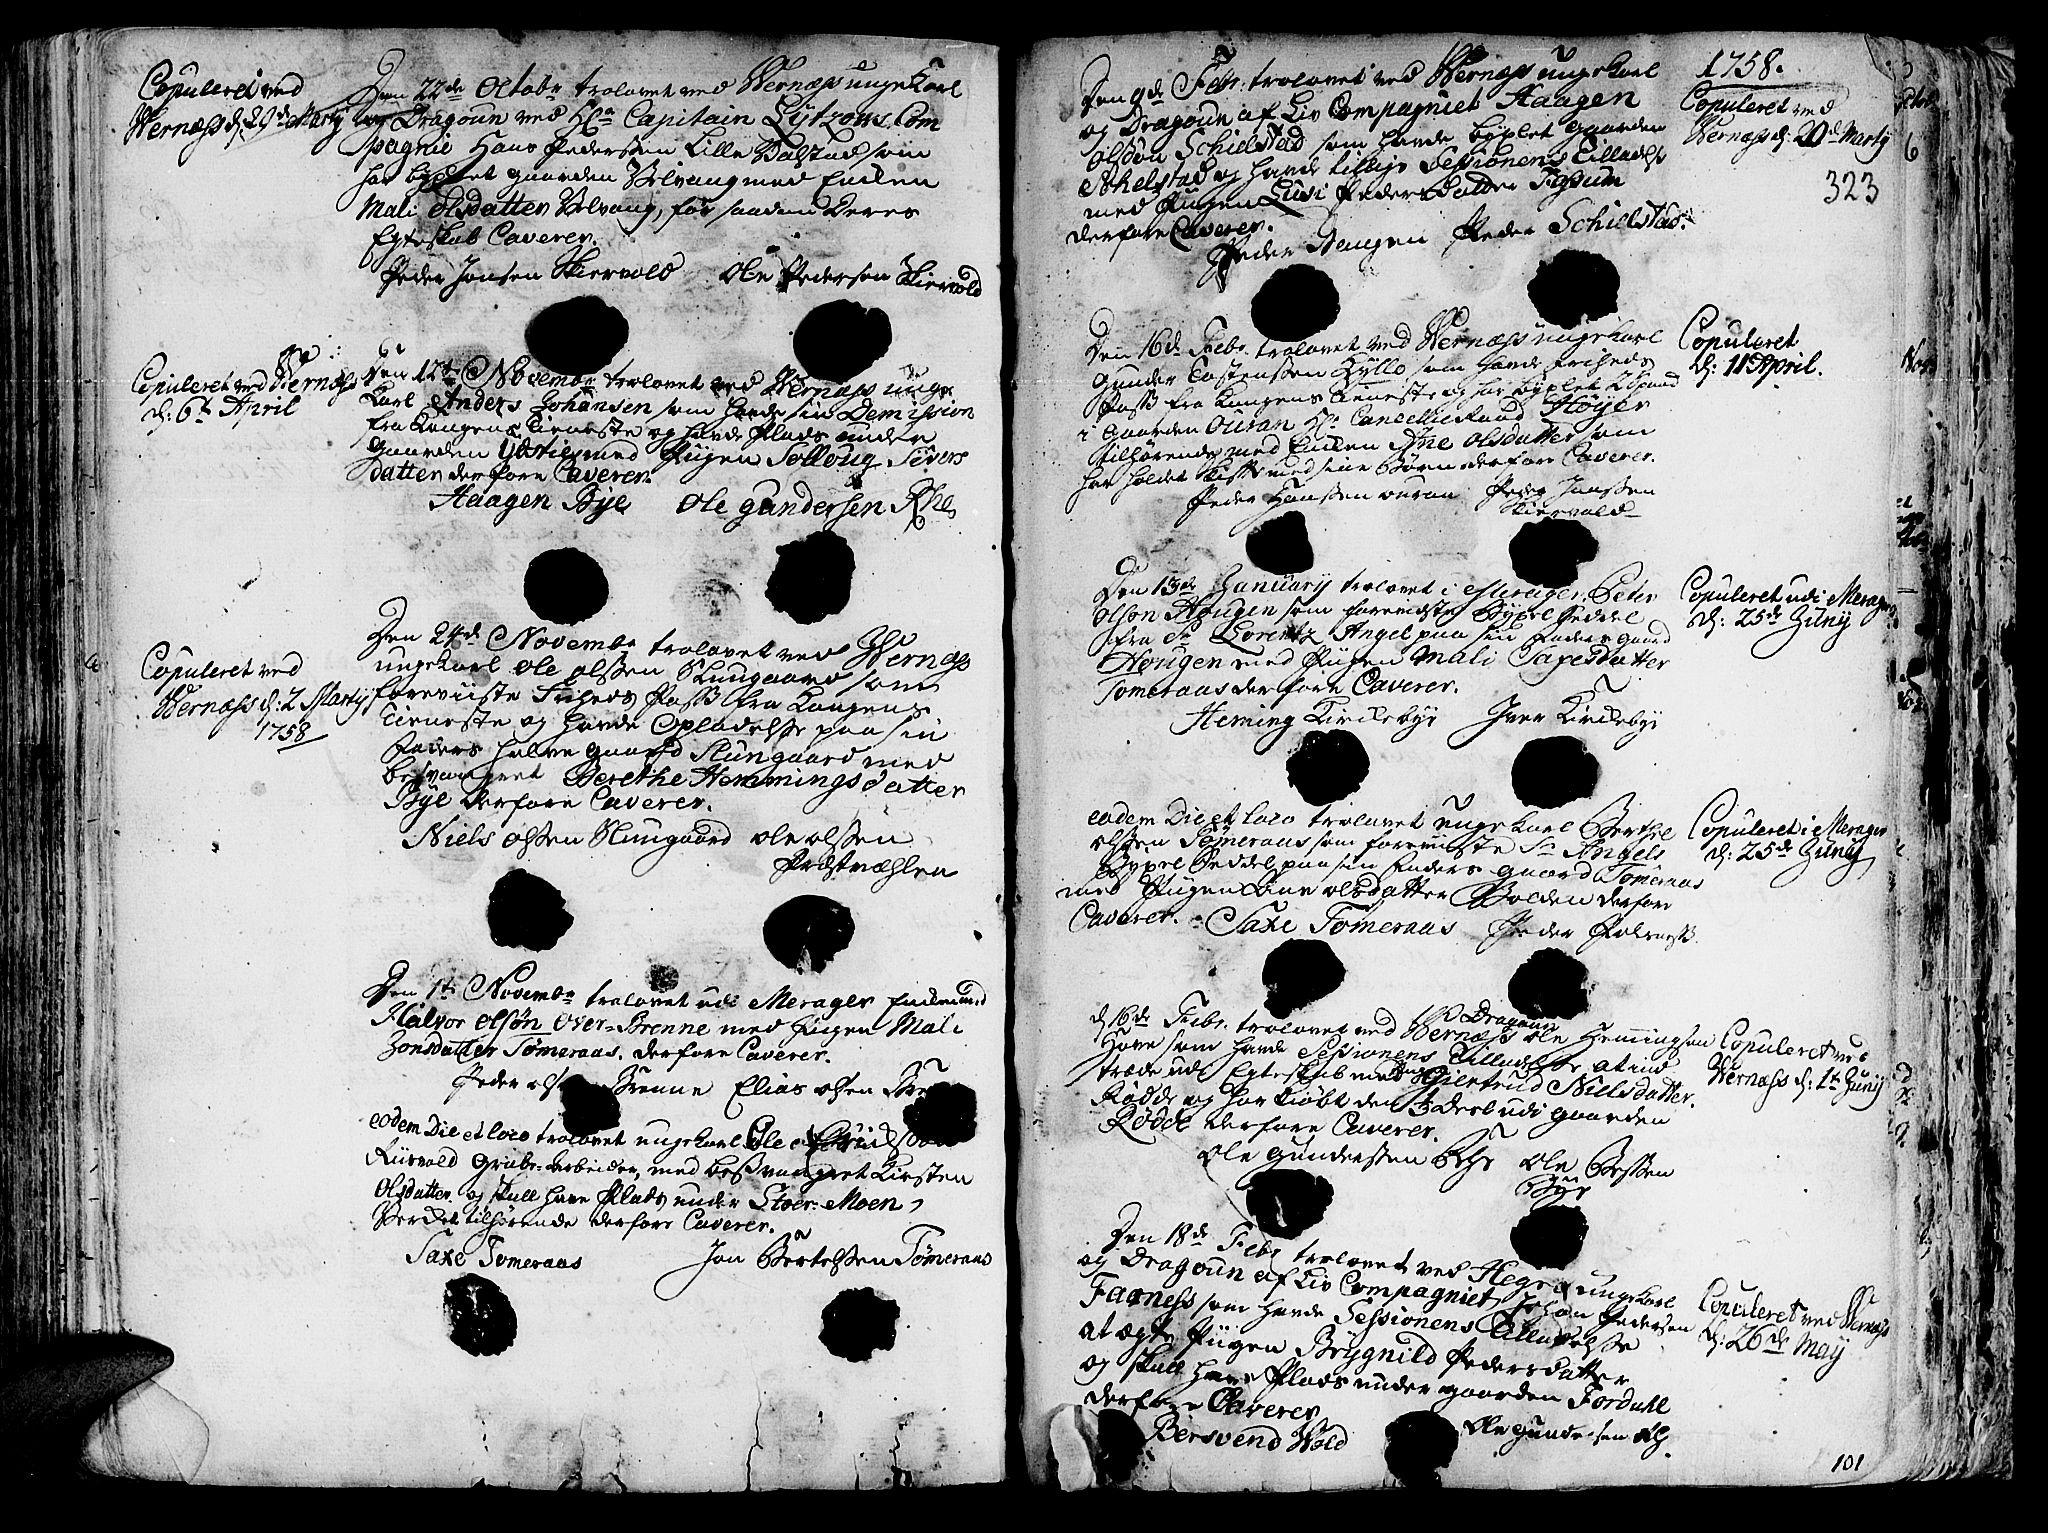 SAT, Ministerialprotokoller, klokkerbøker og fødselsregistre - Nord-Trøndelag, 709/L0057: Ministerialbok nr. 709A05, 1755-1780, s. 323